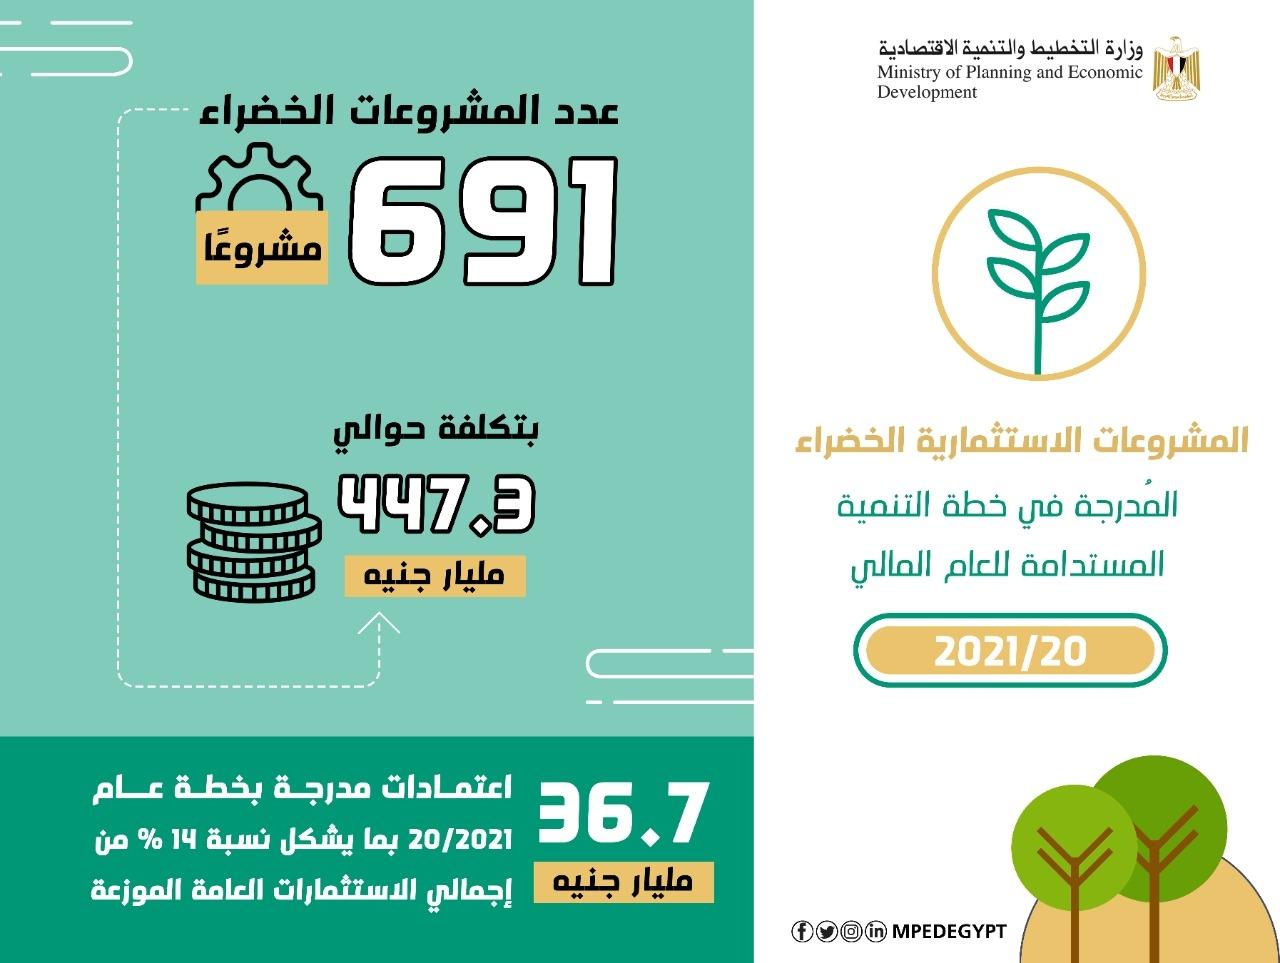 التخطيط تكشف عن 691 مشروعاً أخضر فى خطة 20/2021 بتكلفة 447.3 مليار جنيه